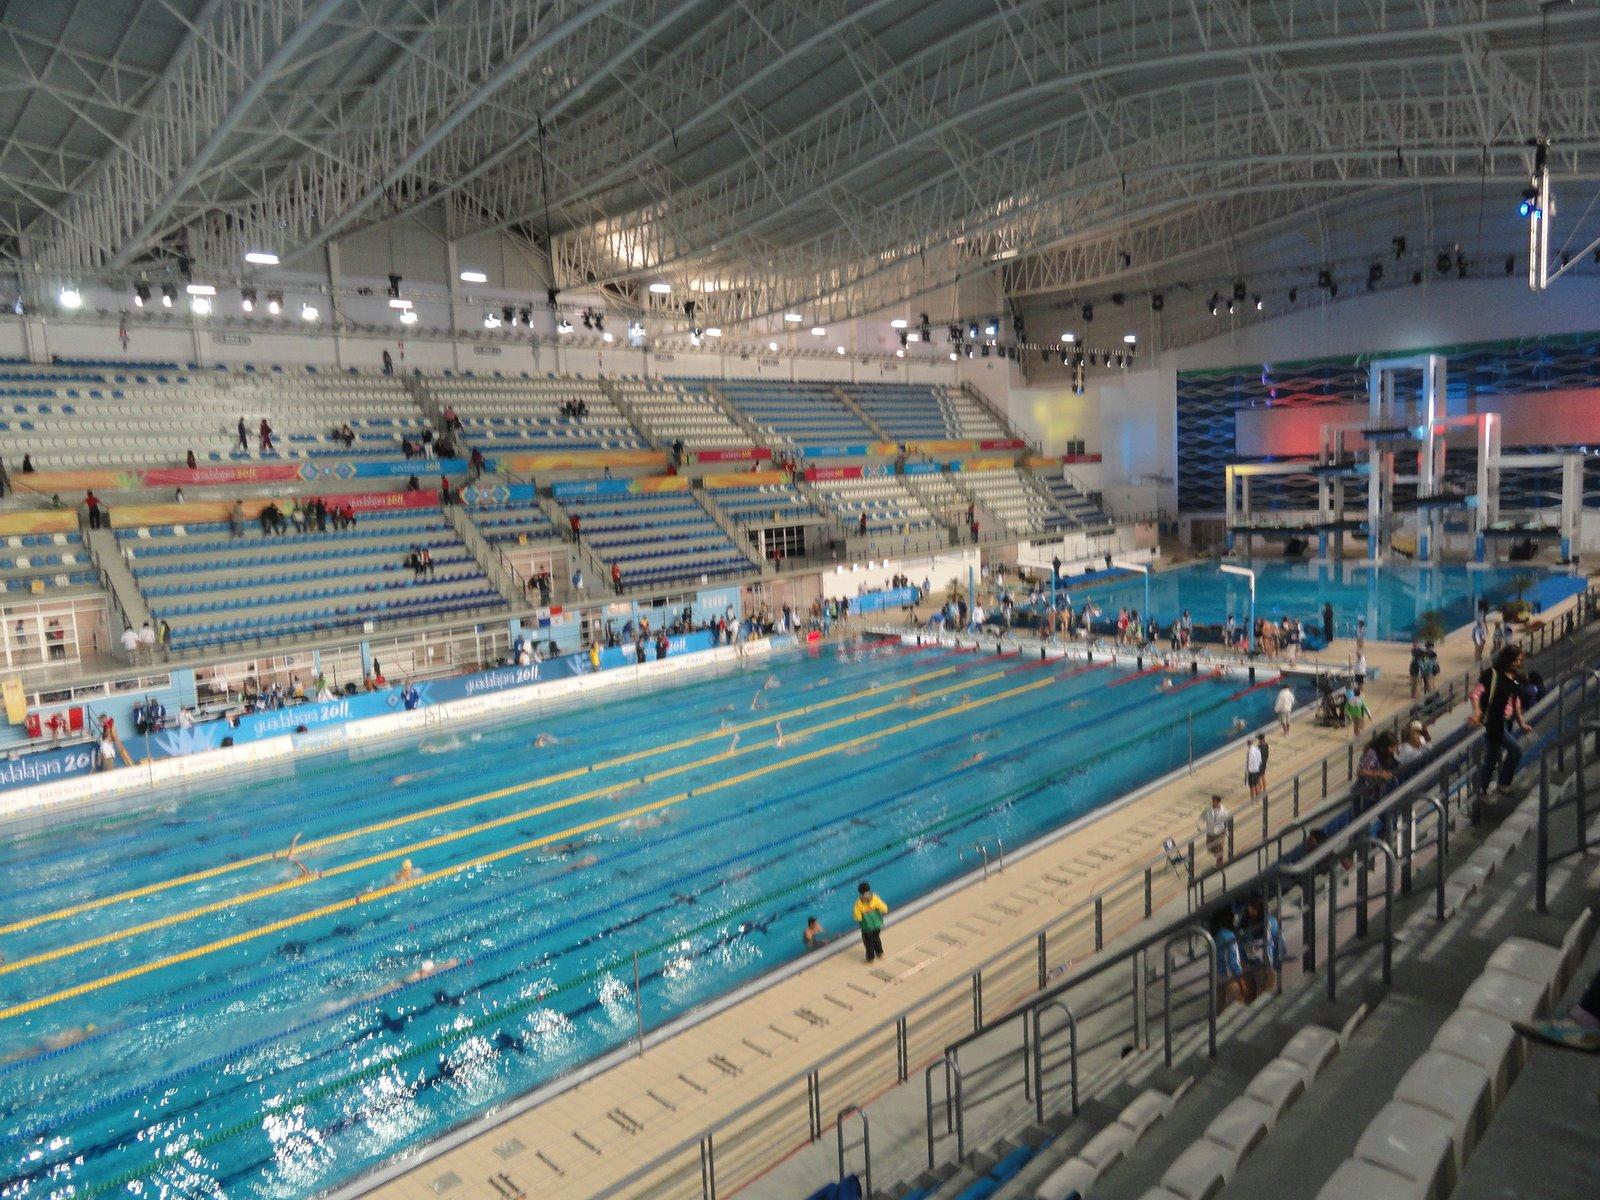 Adiós Mundial de Natación de Guadalajara, hola Tele